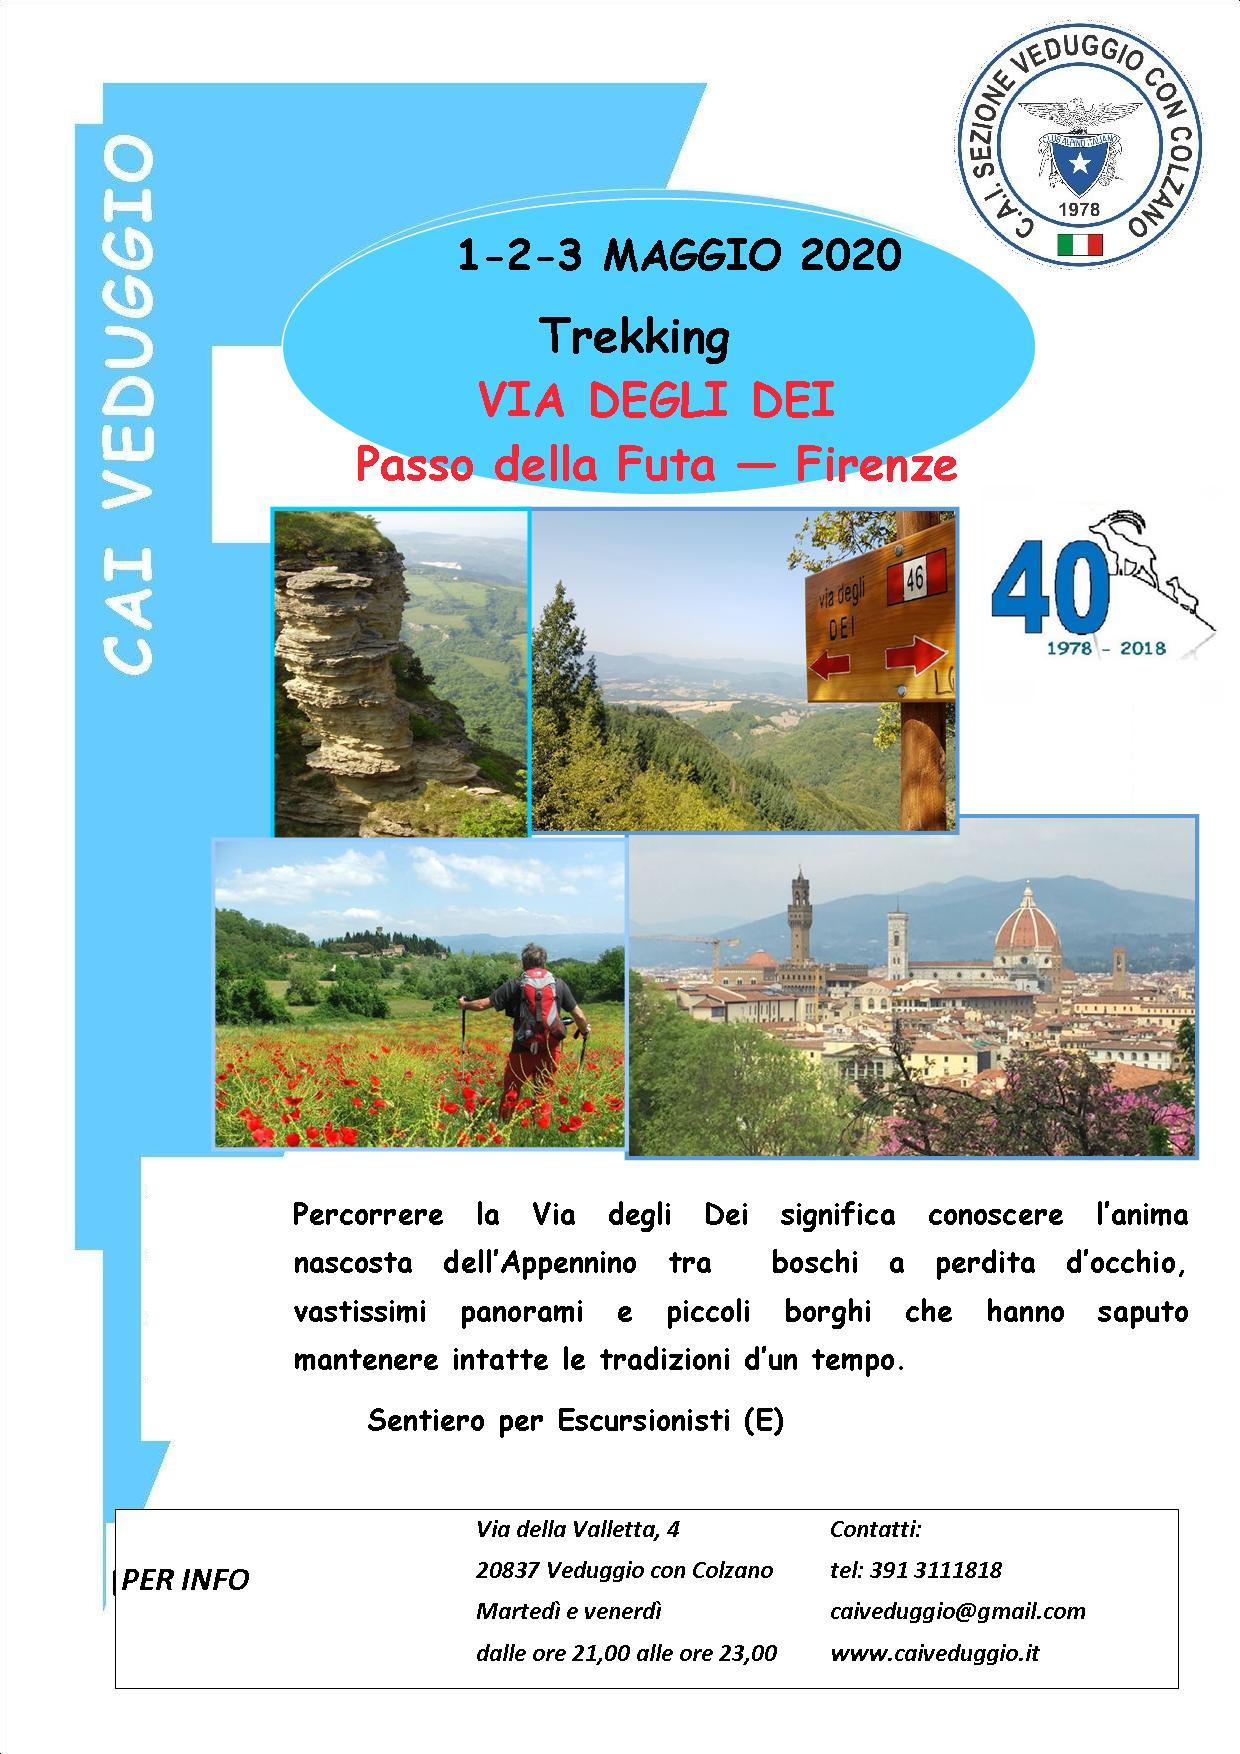 1-2-3 maggio 2020 – Trekking lungo la Via degli Dei – Passo della Futa/Firenze